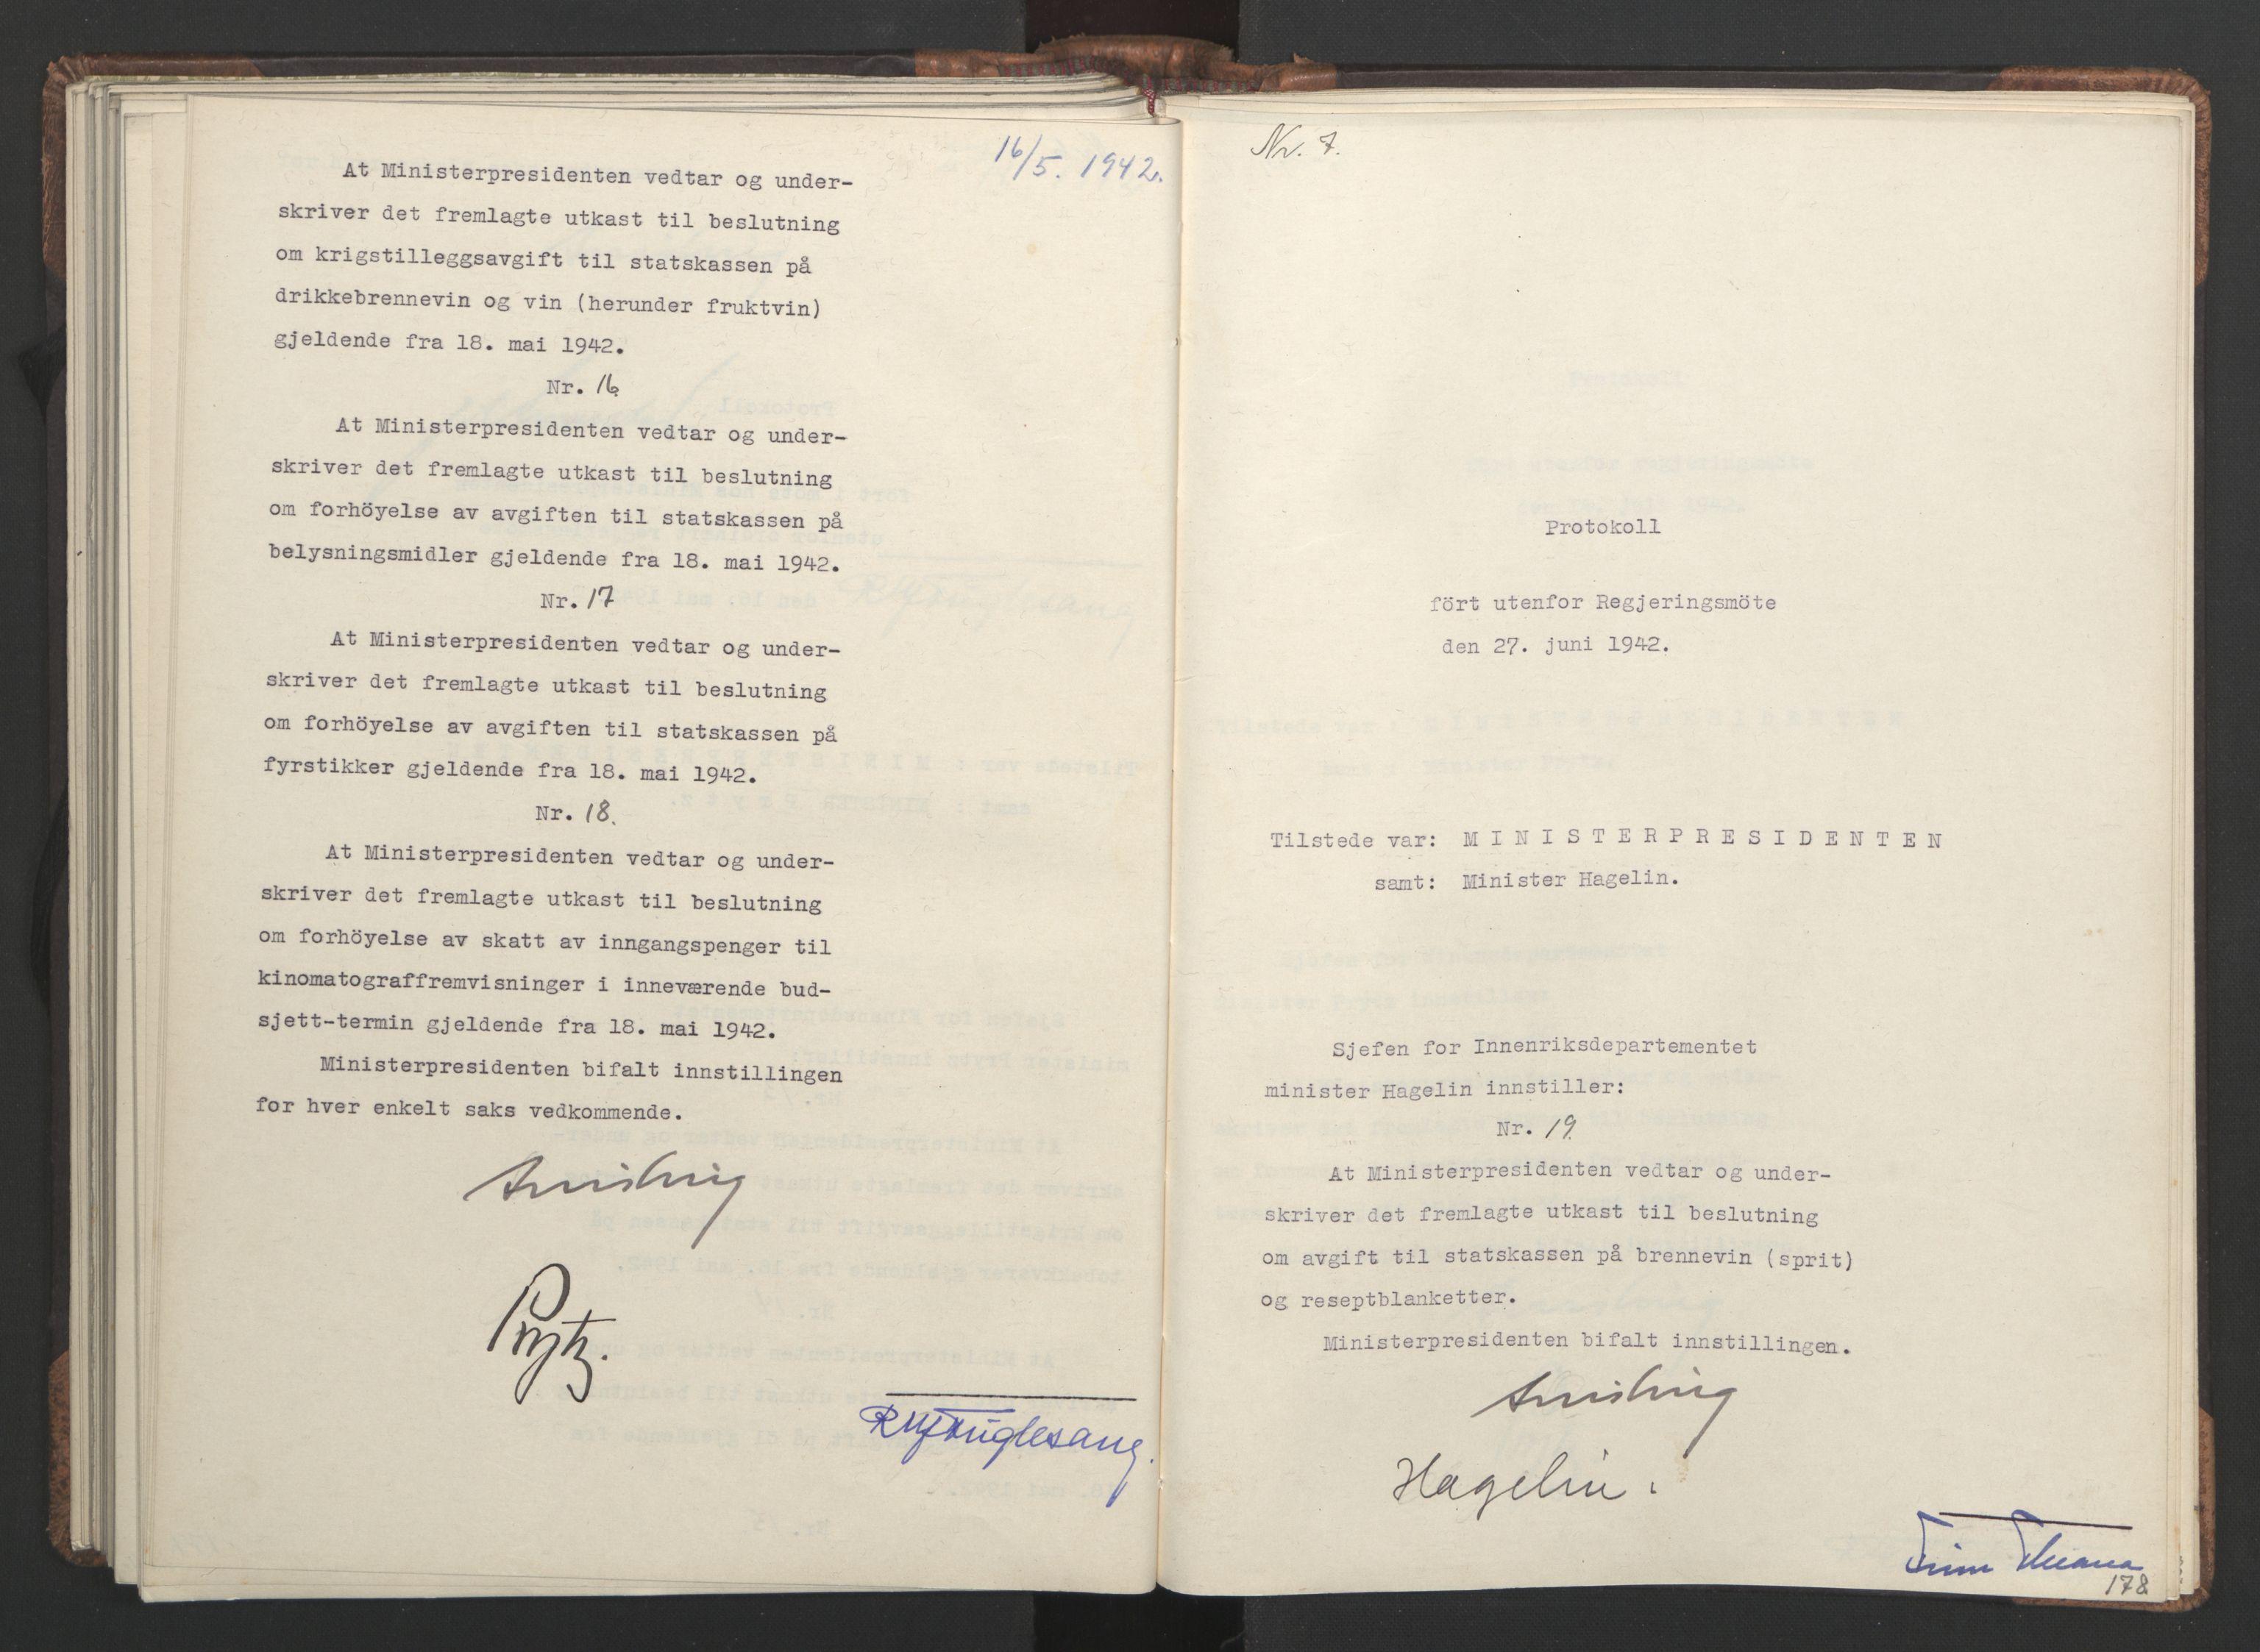 RA, NS-administrasjonen 1940-1945 (Statsrådsekretariatet, de kommisariske statsråder mm), D/Da/L0001: Beslutninger og tillegg (1-952 og 1-32), 1942, s. 177b-178a